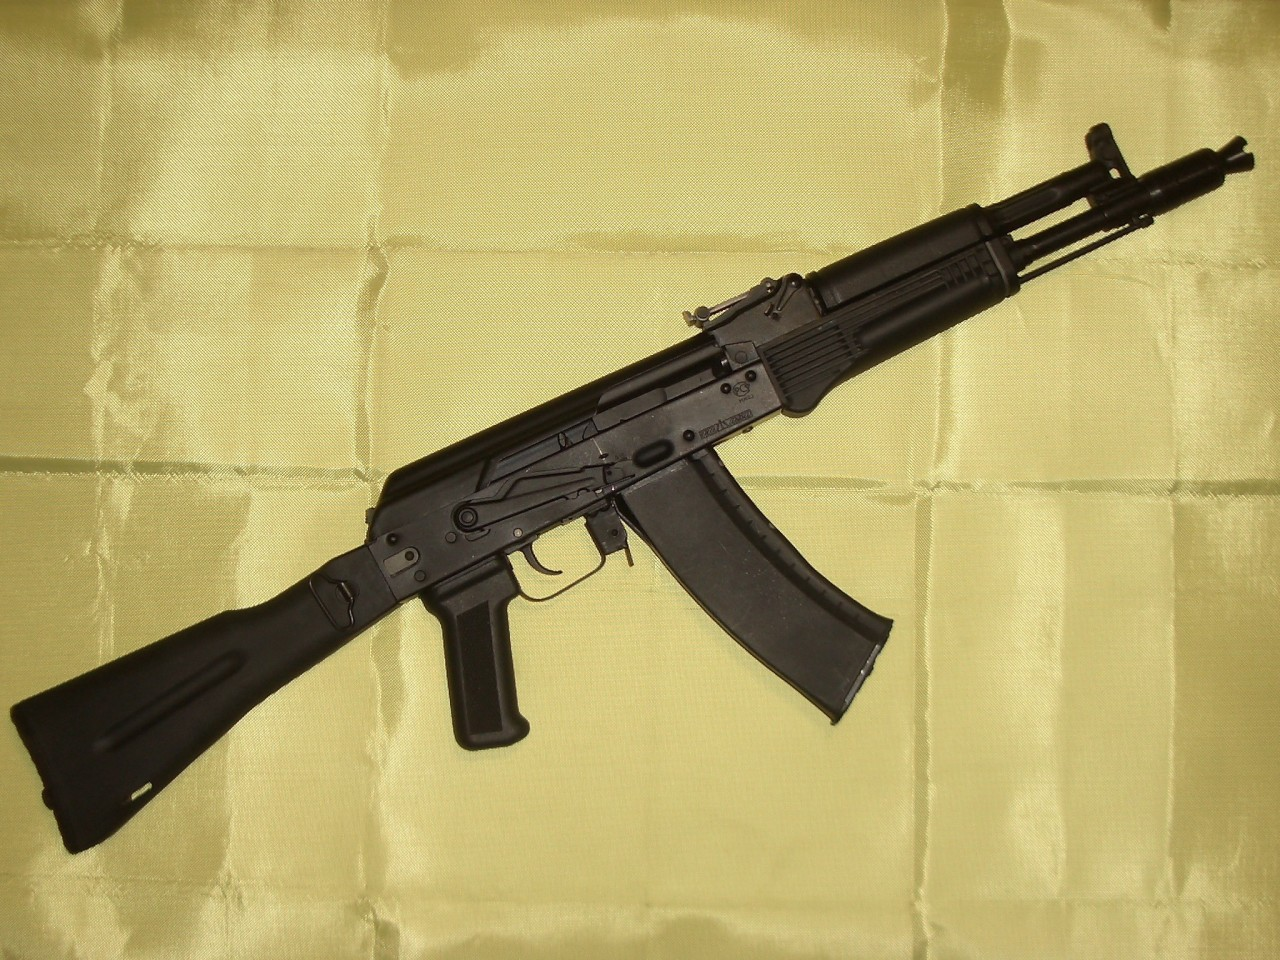 В России гражданам с судимостью могут запретить владеть оружием